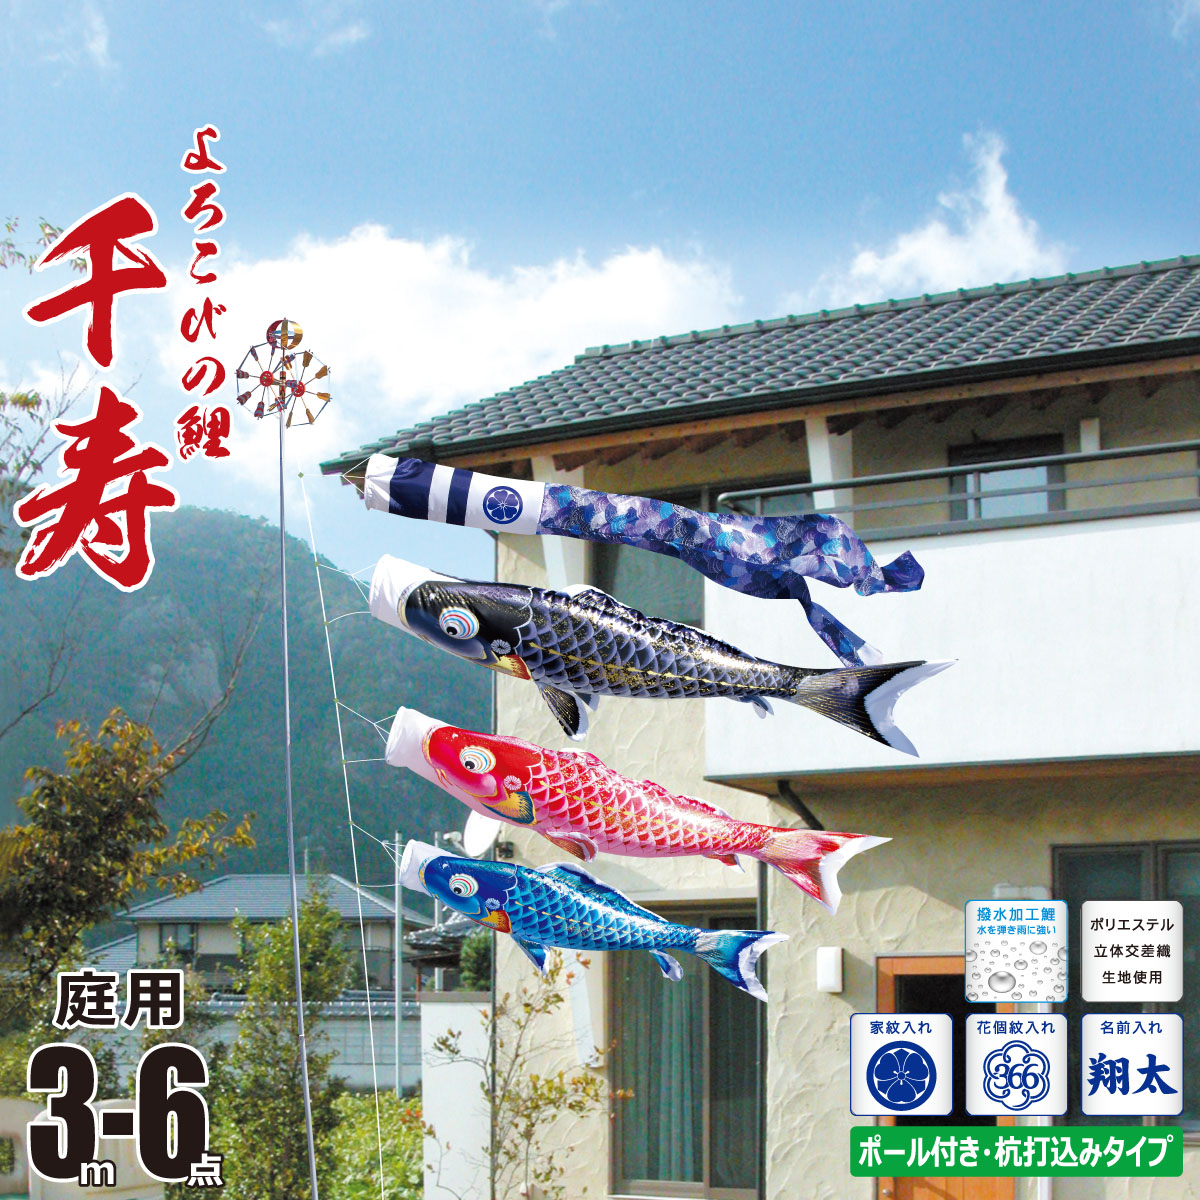 こいのぼり 3m 千寿 6点 (矢車、ロープ、吹流し、鯉3匹) 庭園用 ガーデンセット (専用ポール一式) 徳永鯉のぼり KIT-115-230